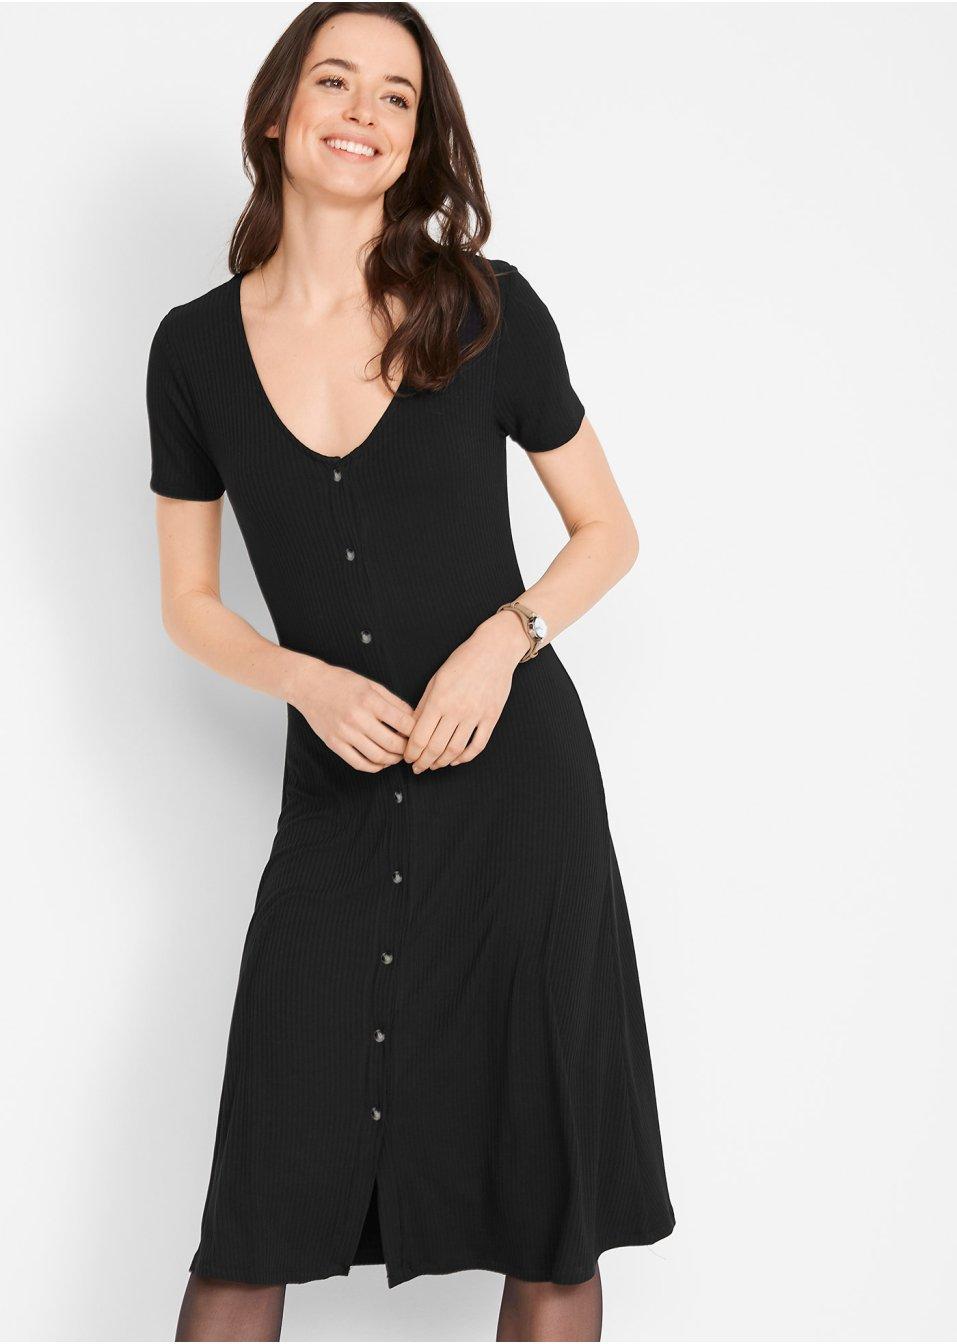 Modernes Kleid in Midi- Länge mit Knopfdetails - schwarz